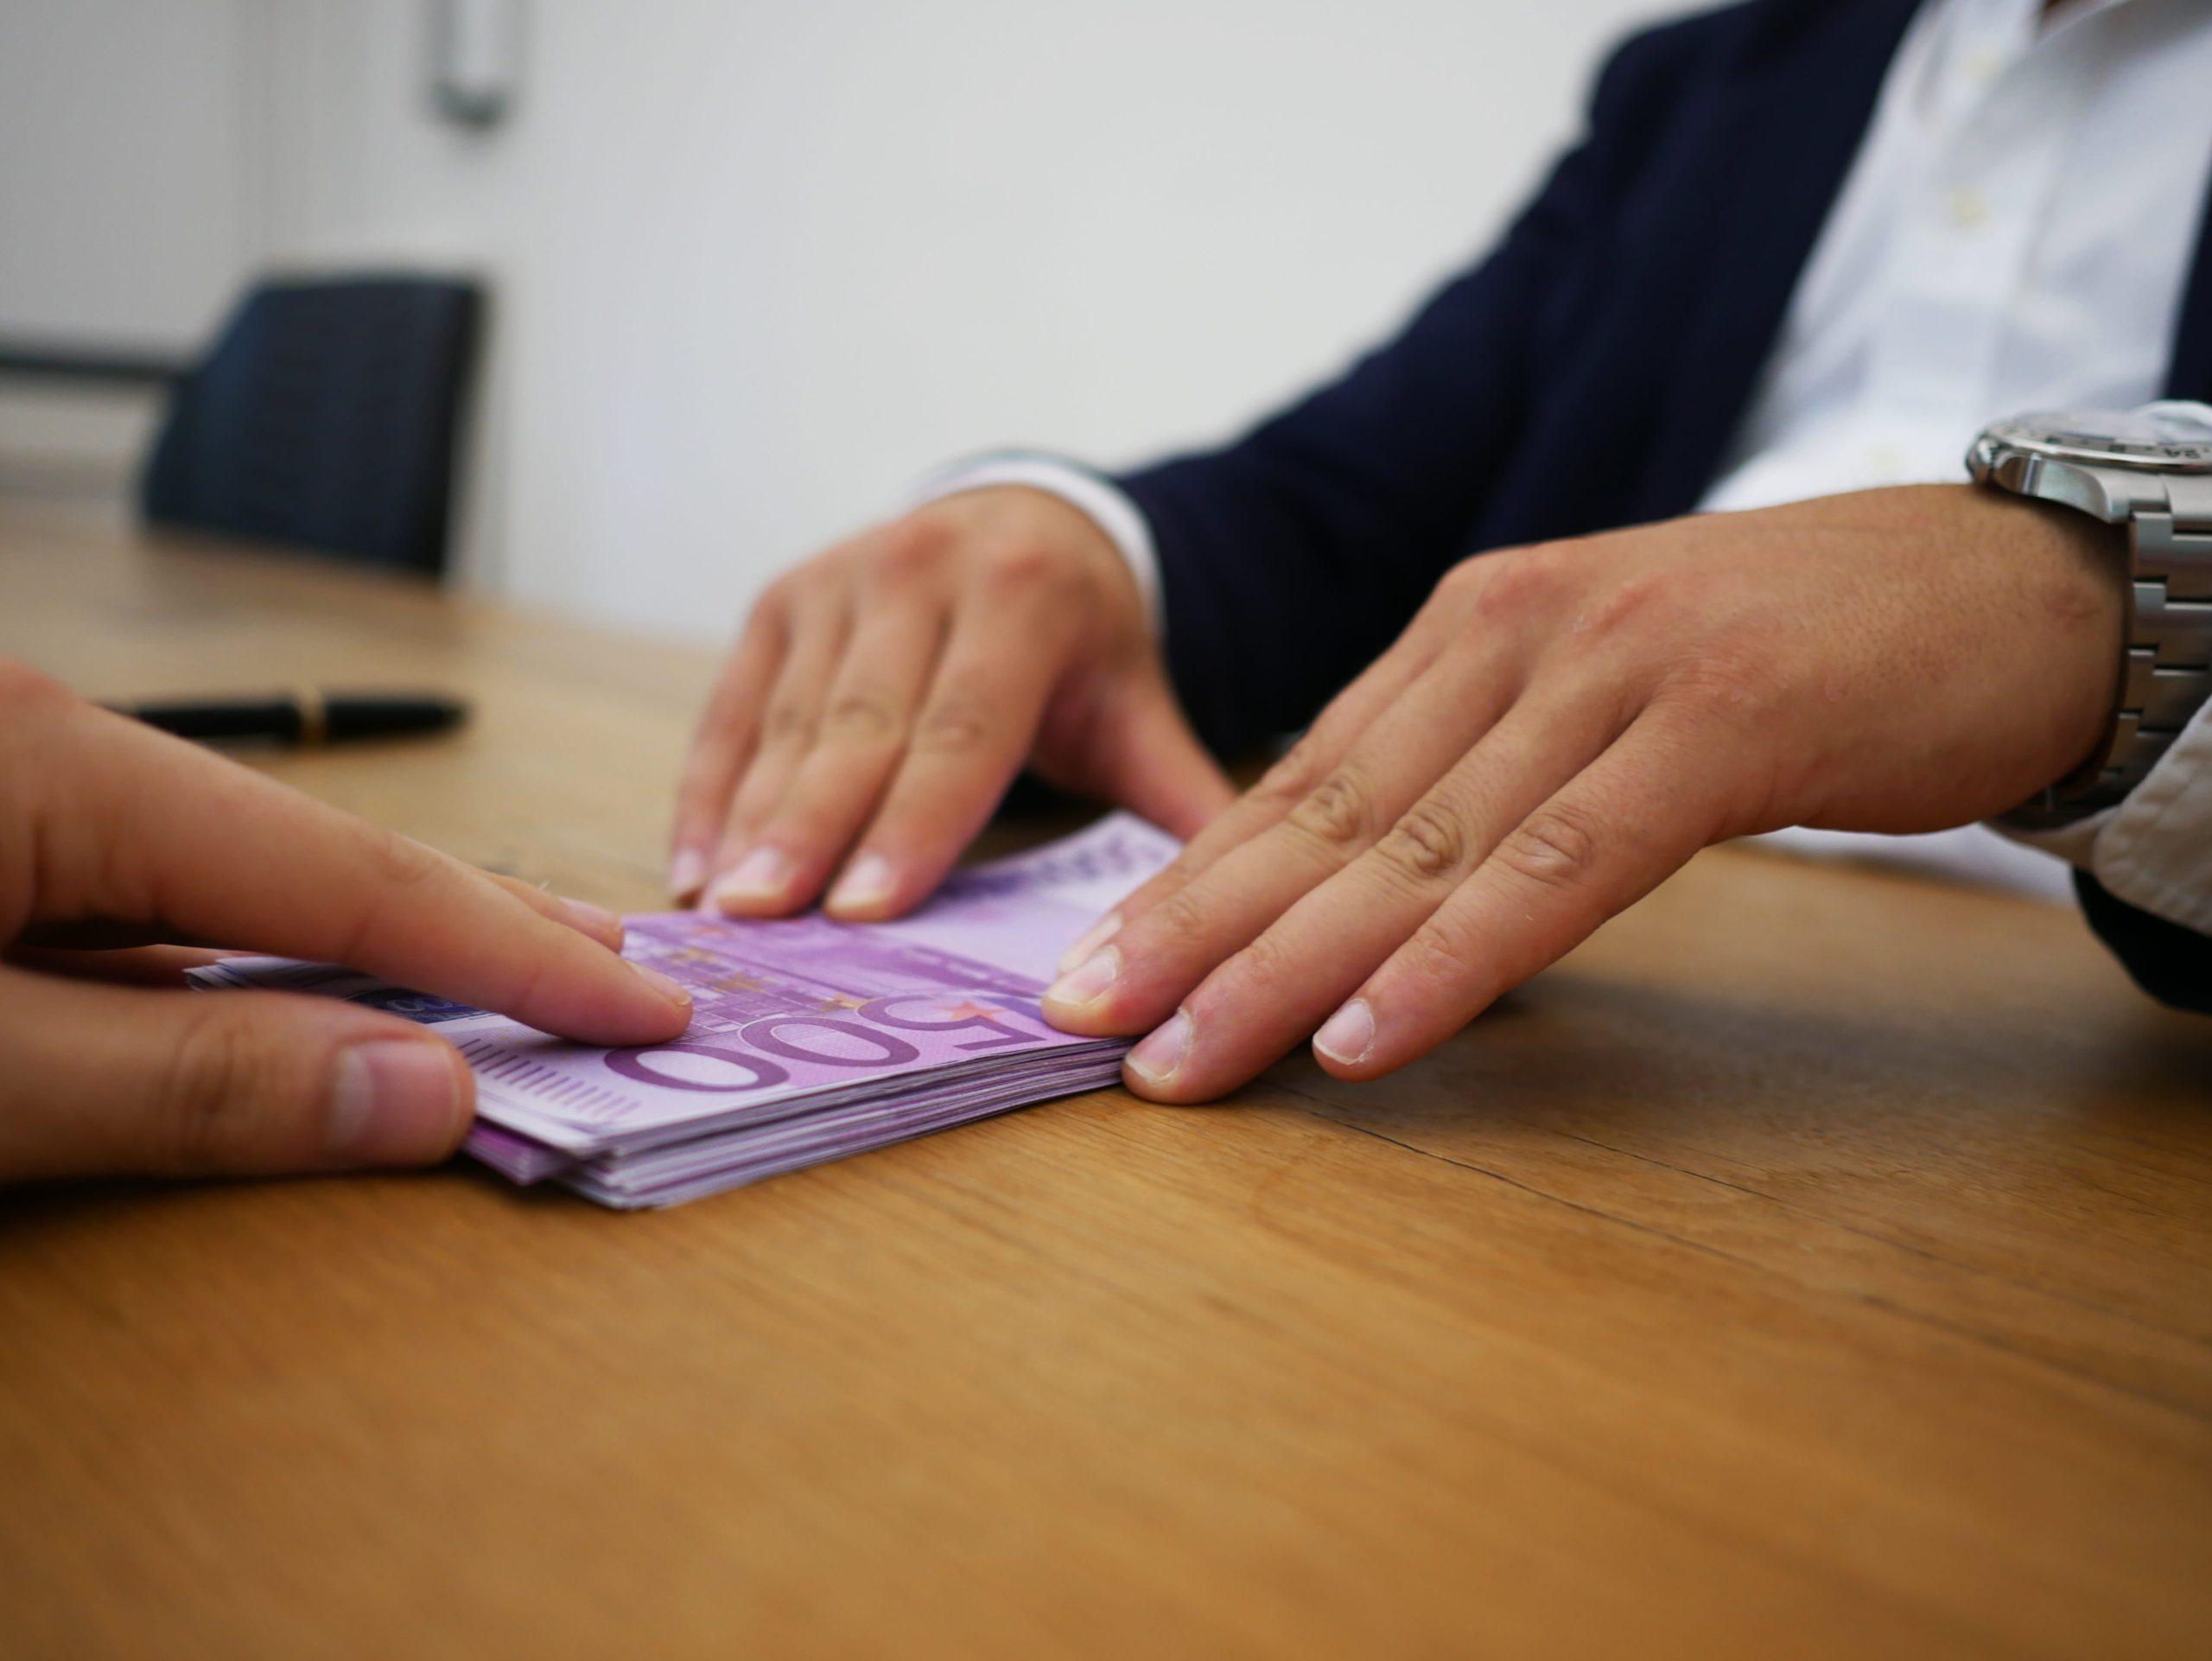 Creditoareportados.com explica qué son los préstamos a reportados y qué entidades los otorgan en Colombia